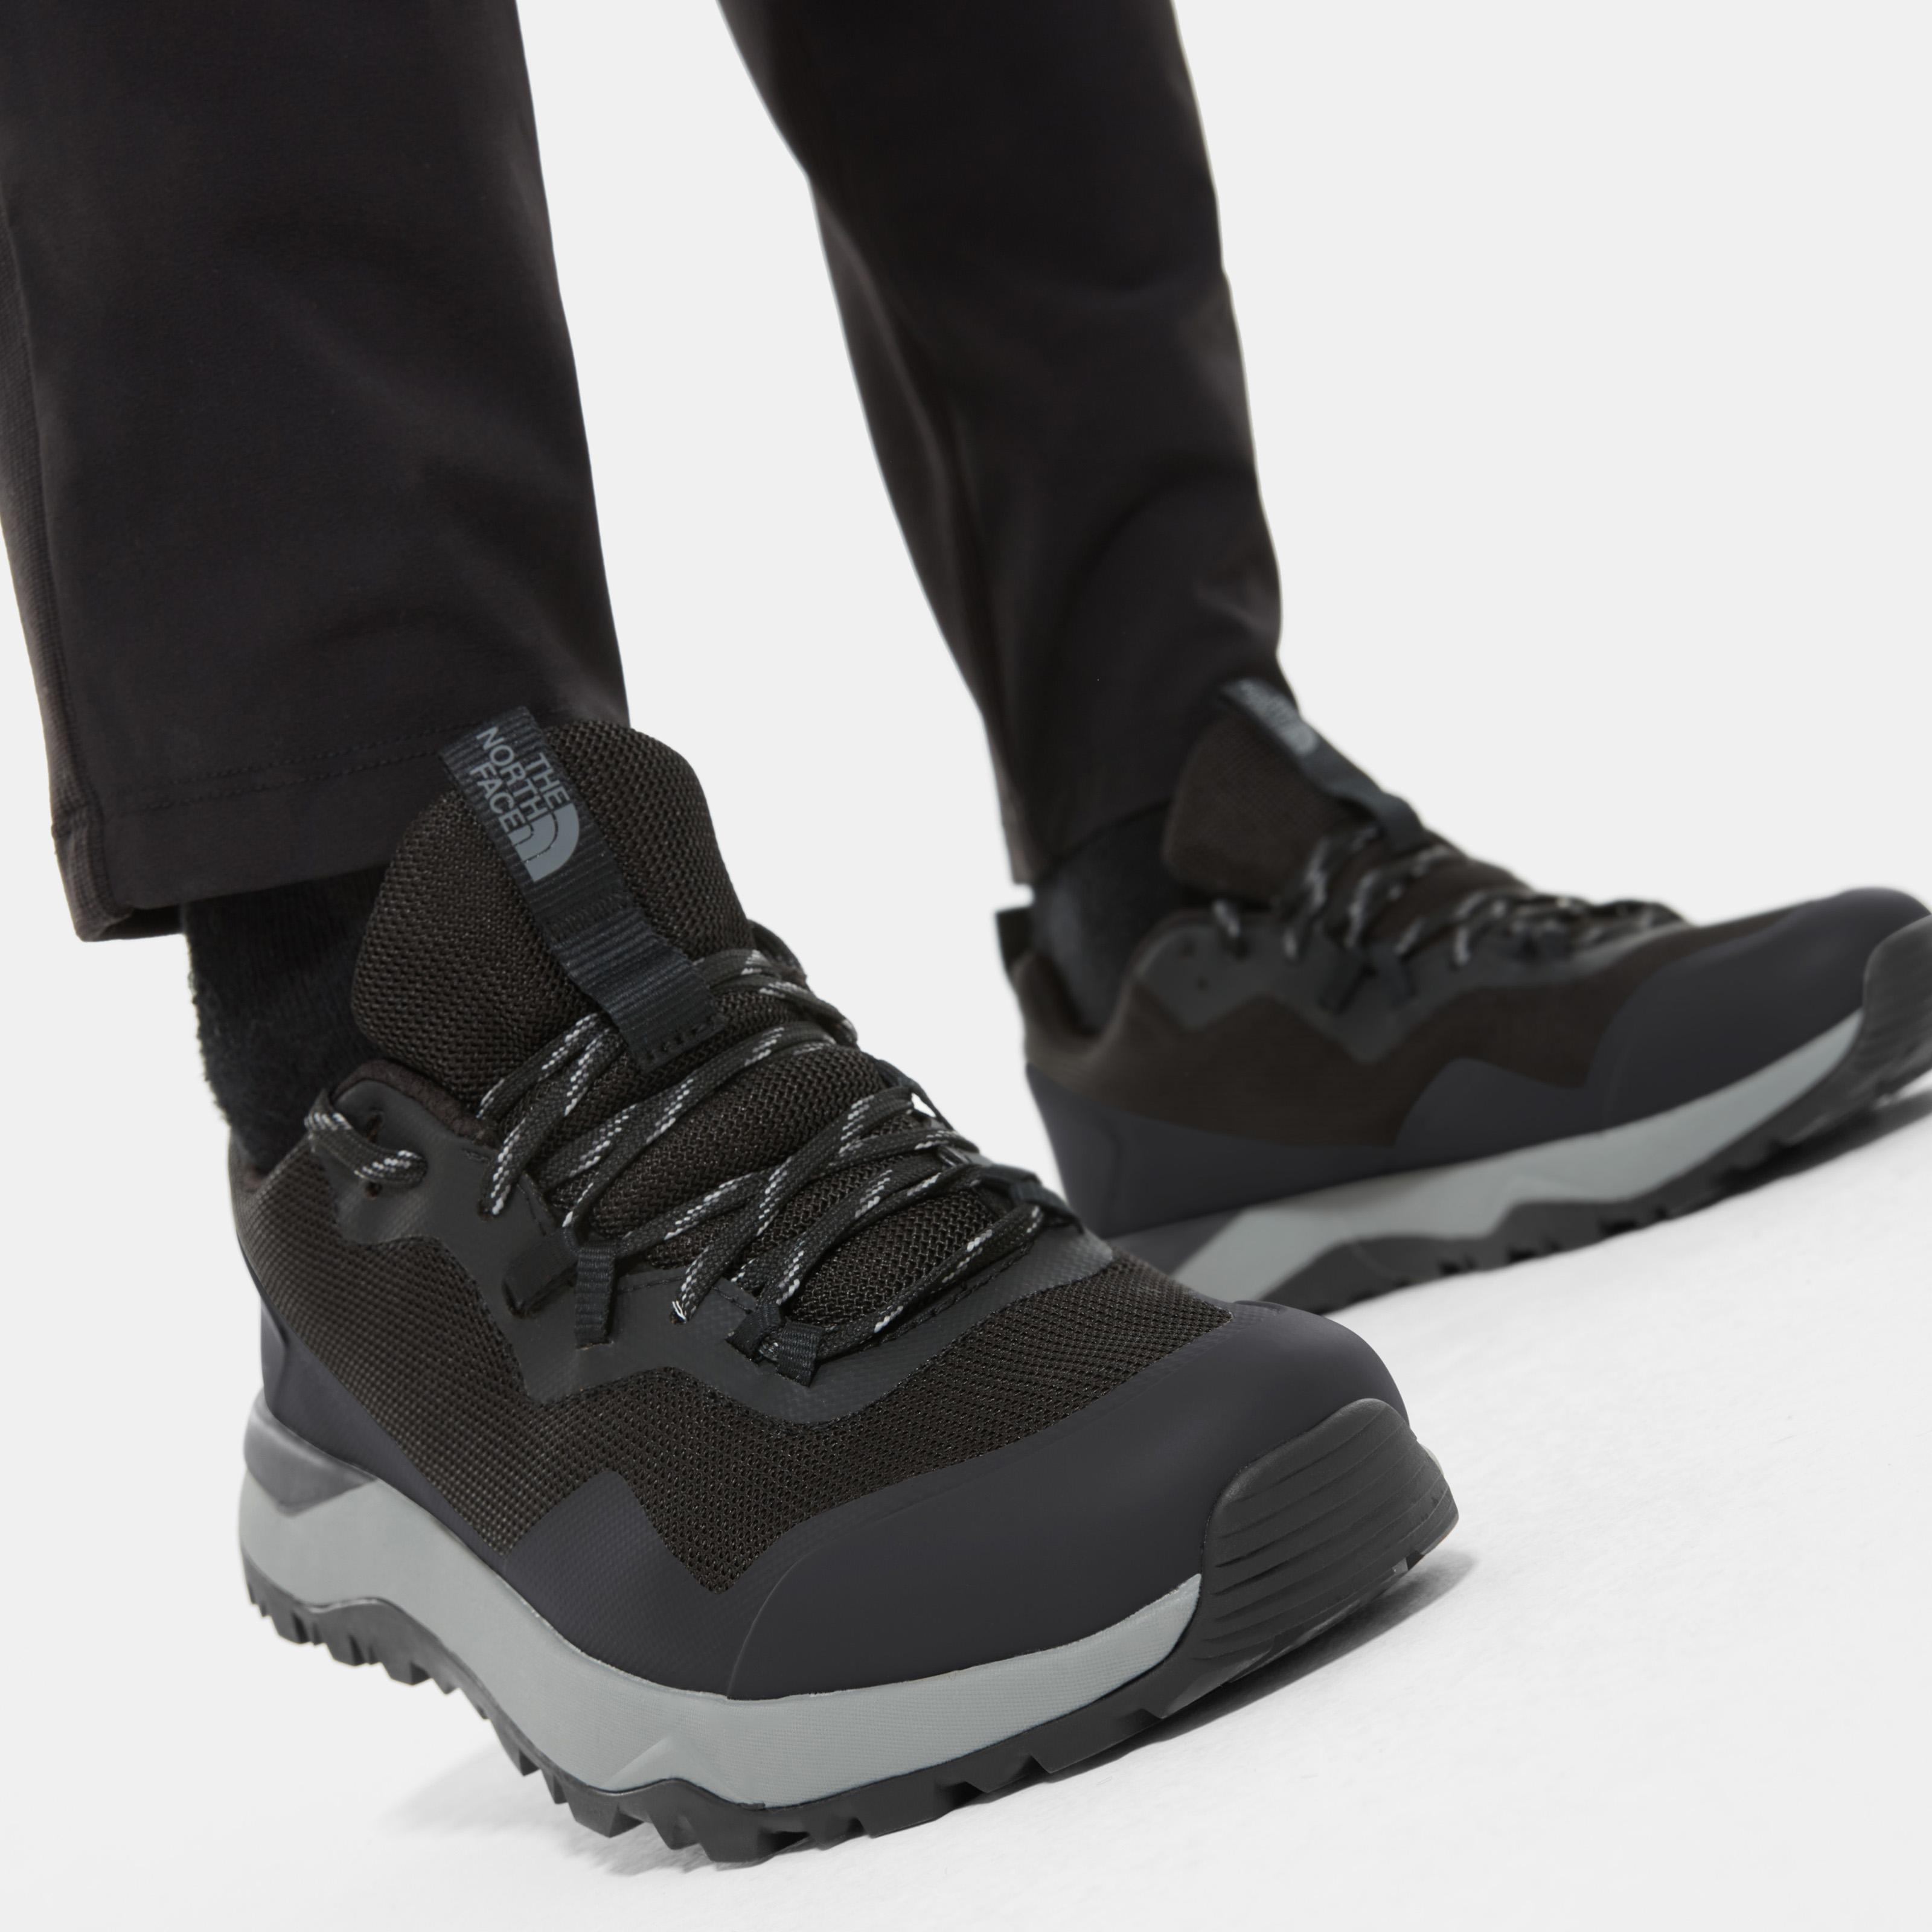 Мужские кроссовки Activist FUTURELIGHT™ фото